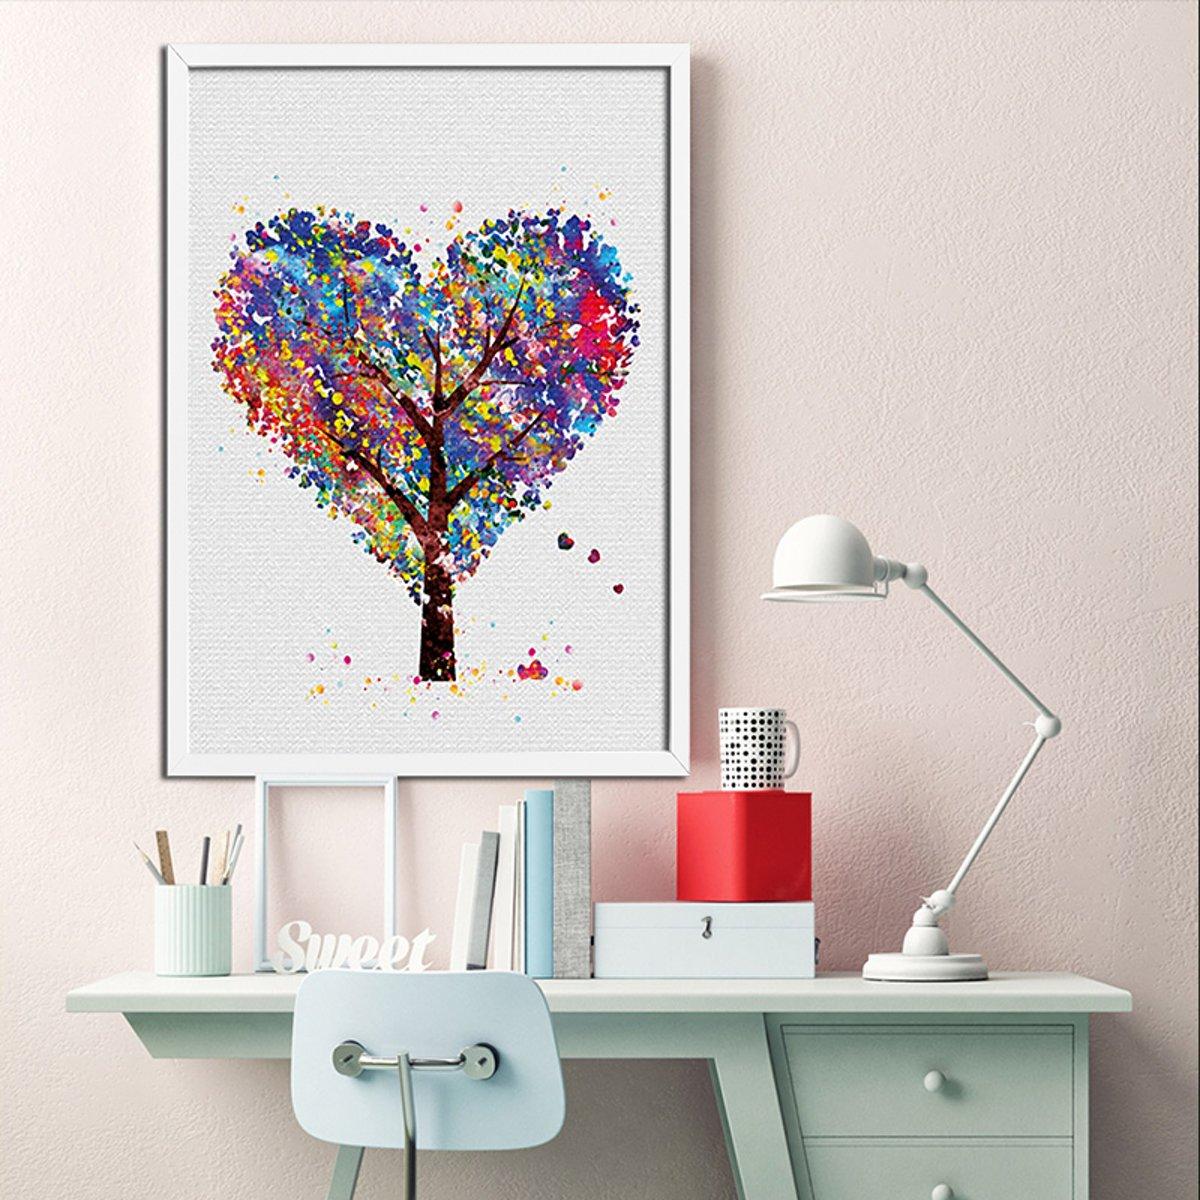 Postercity - Design Canvas Poster Gekleurde Hartjes Boom / Kinderkamer / Muurdecoratie / 40 x 30cm / A3 kopen